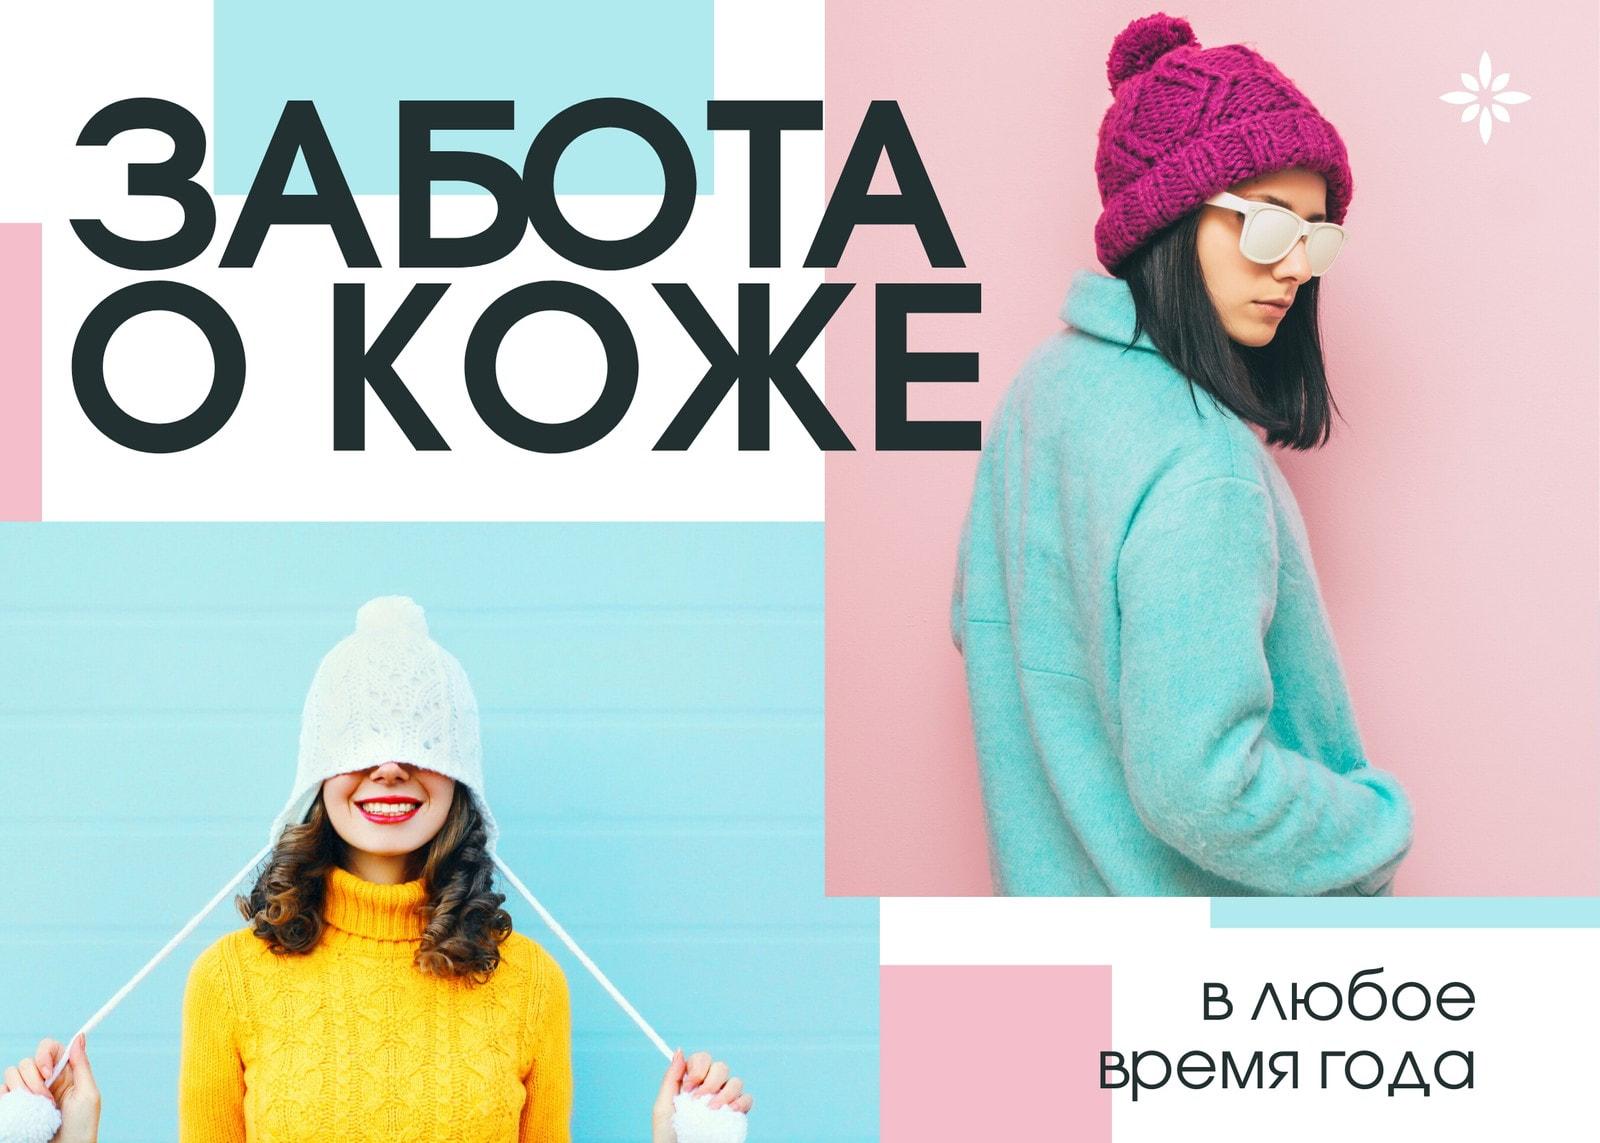 Белая, голубая и розовая публикация в ВК с фотографиями девушек